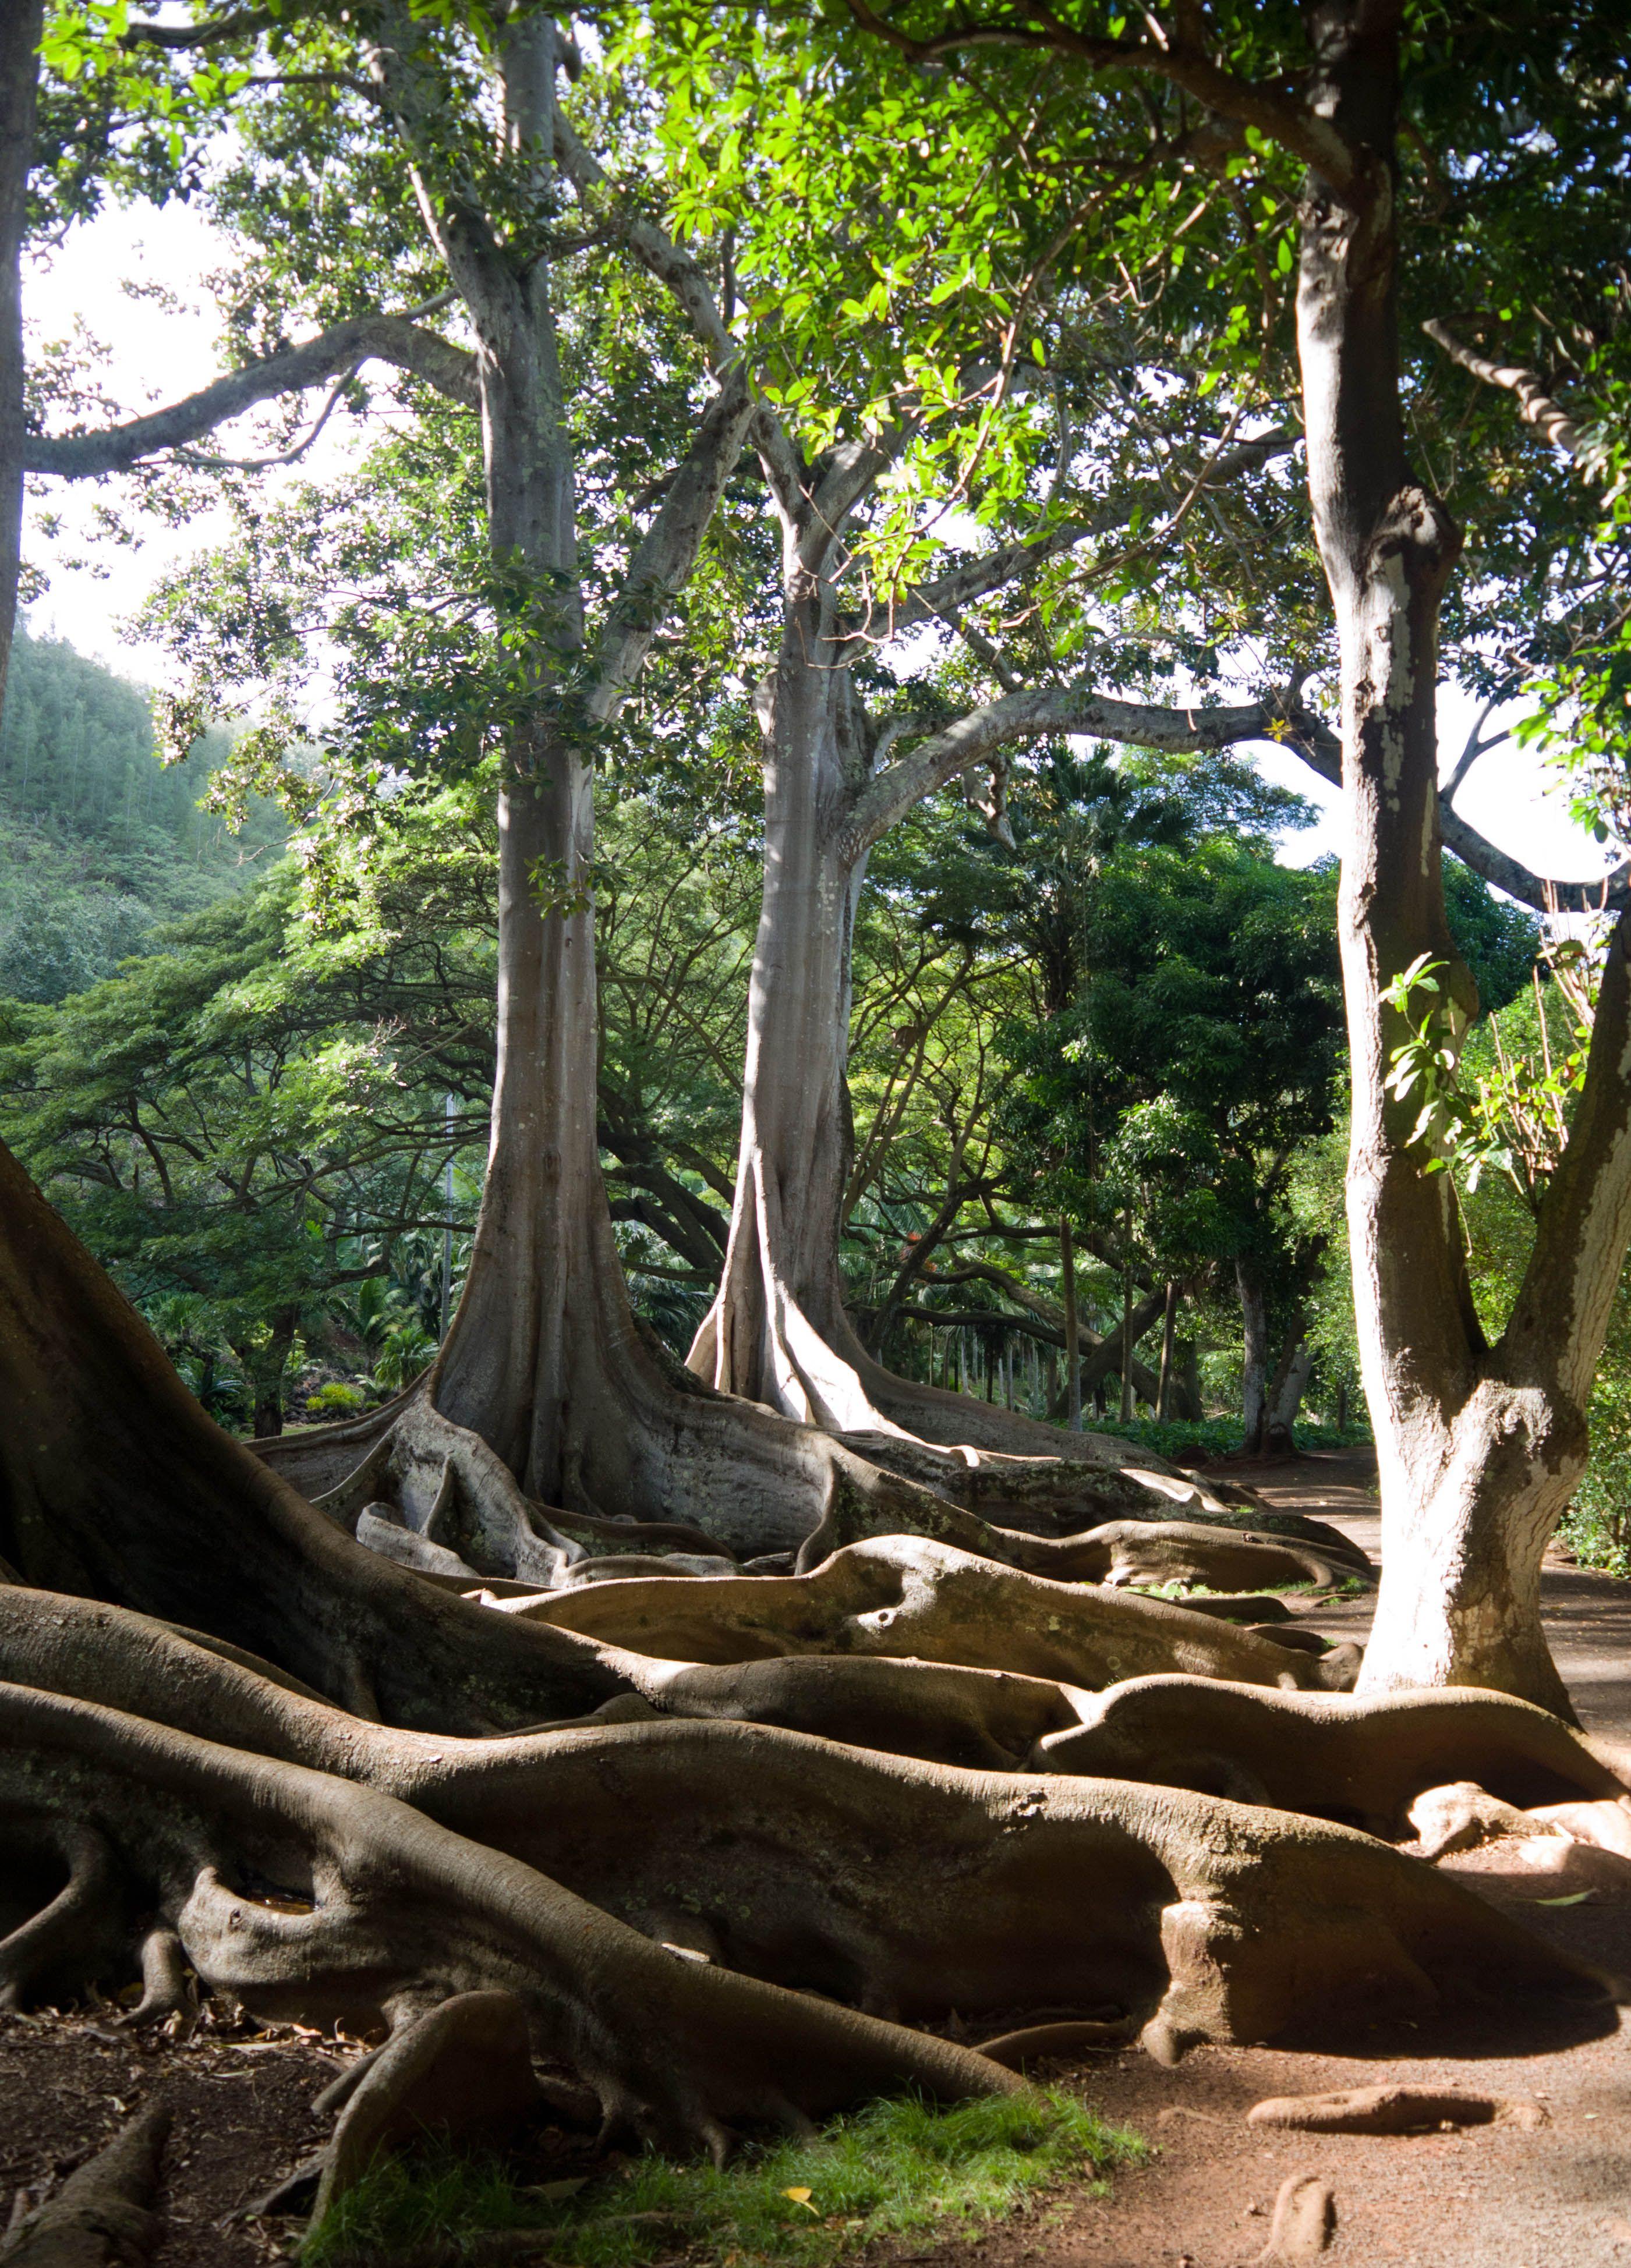 Allerton garden national tropical botanical garden kauai - National tropical botanical garden ...